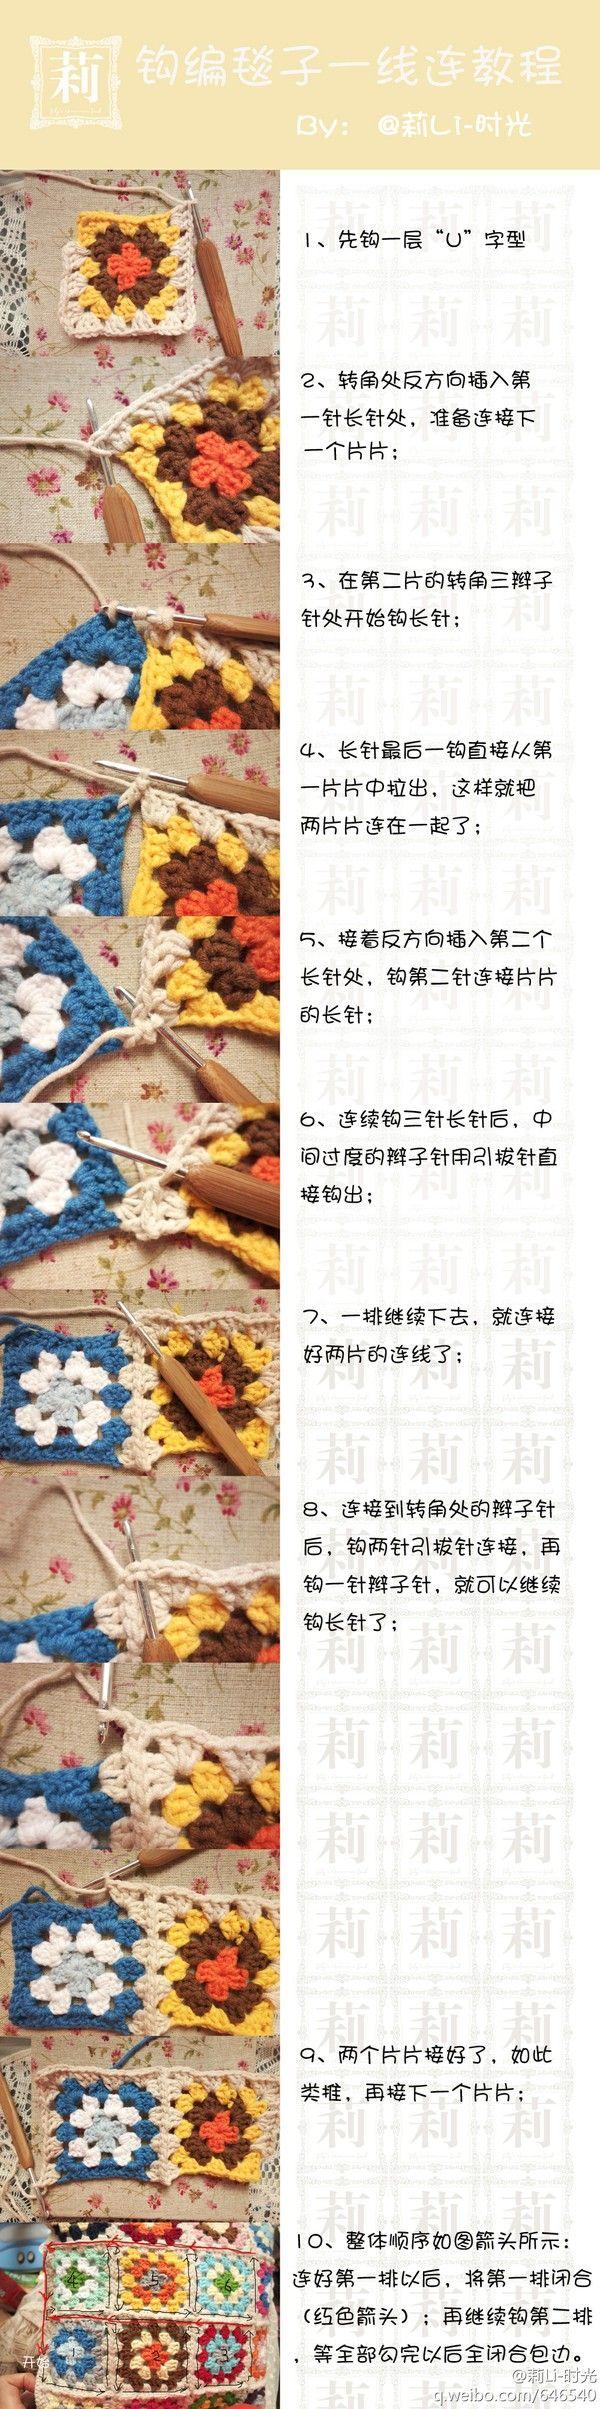 طريقة سهله لتشبيك وحدات الكروشية بدون قص الخيط | Knitting and Crochet DIY | Pinterest | Crochet, Crochet granny and Knitting